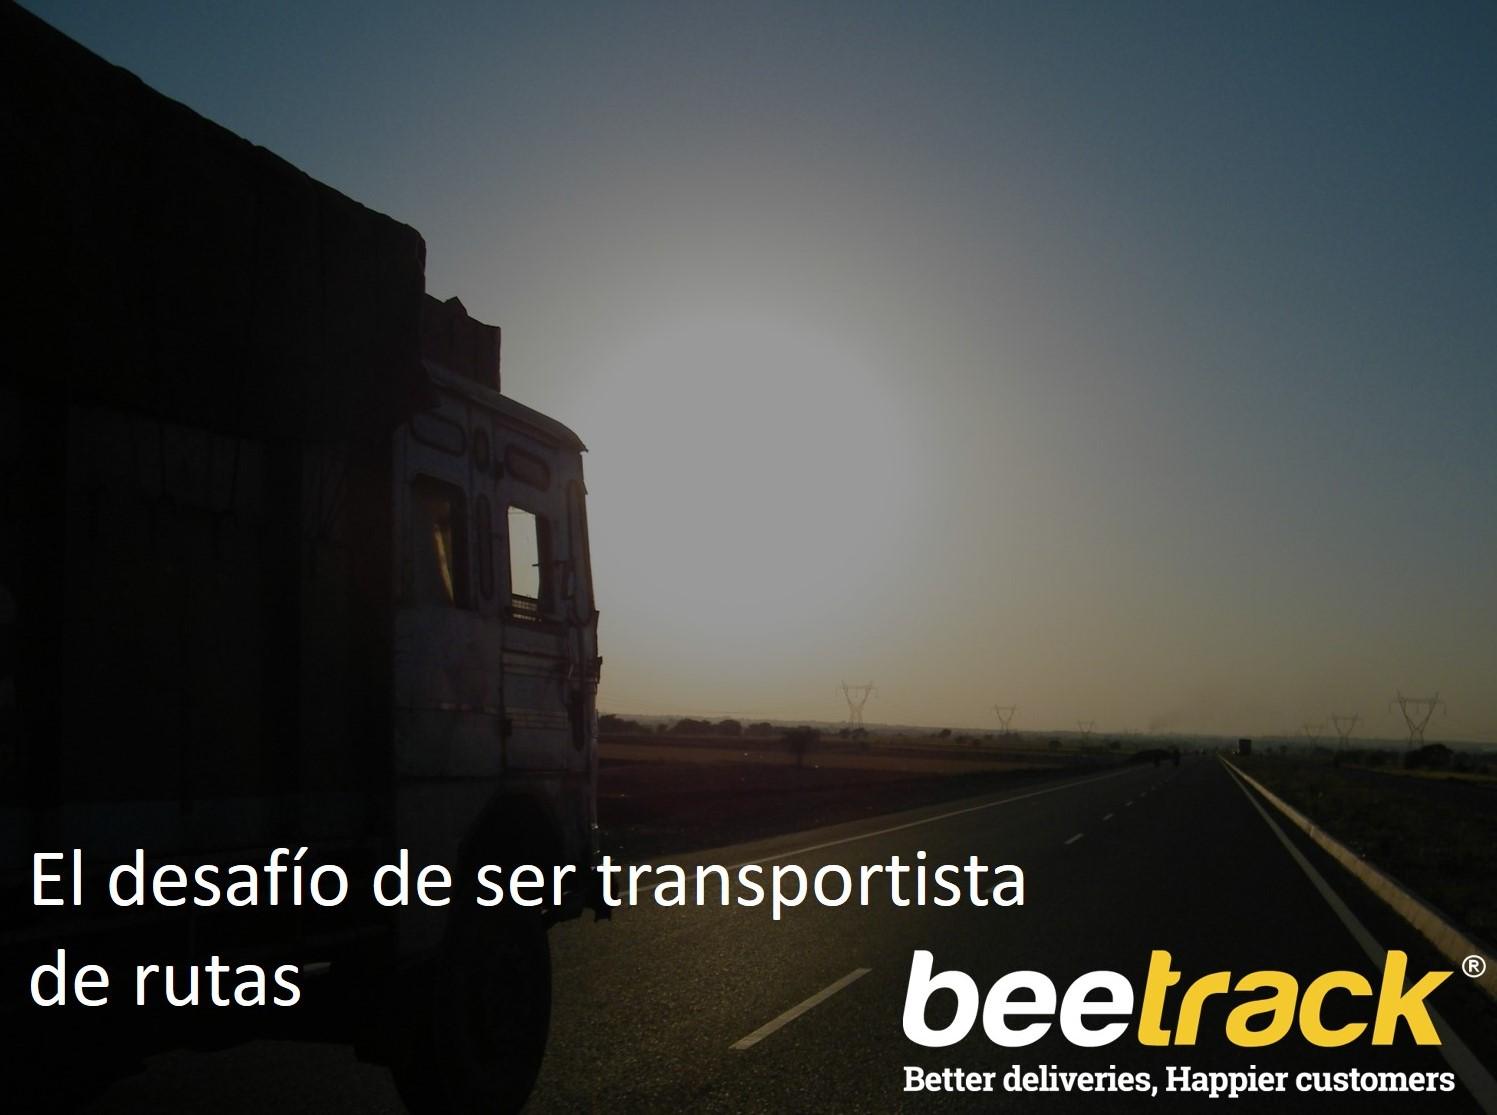 El desafío de ser transportista de rutas